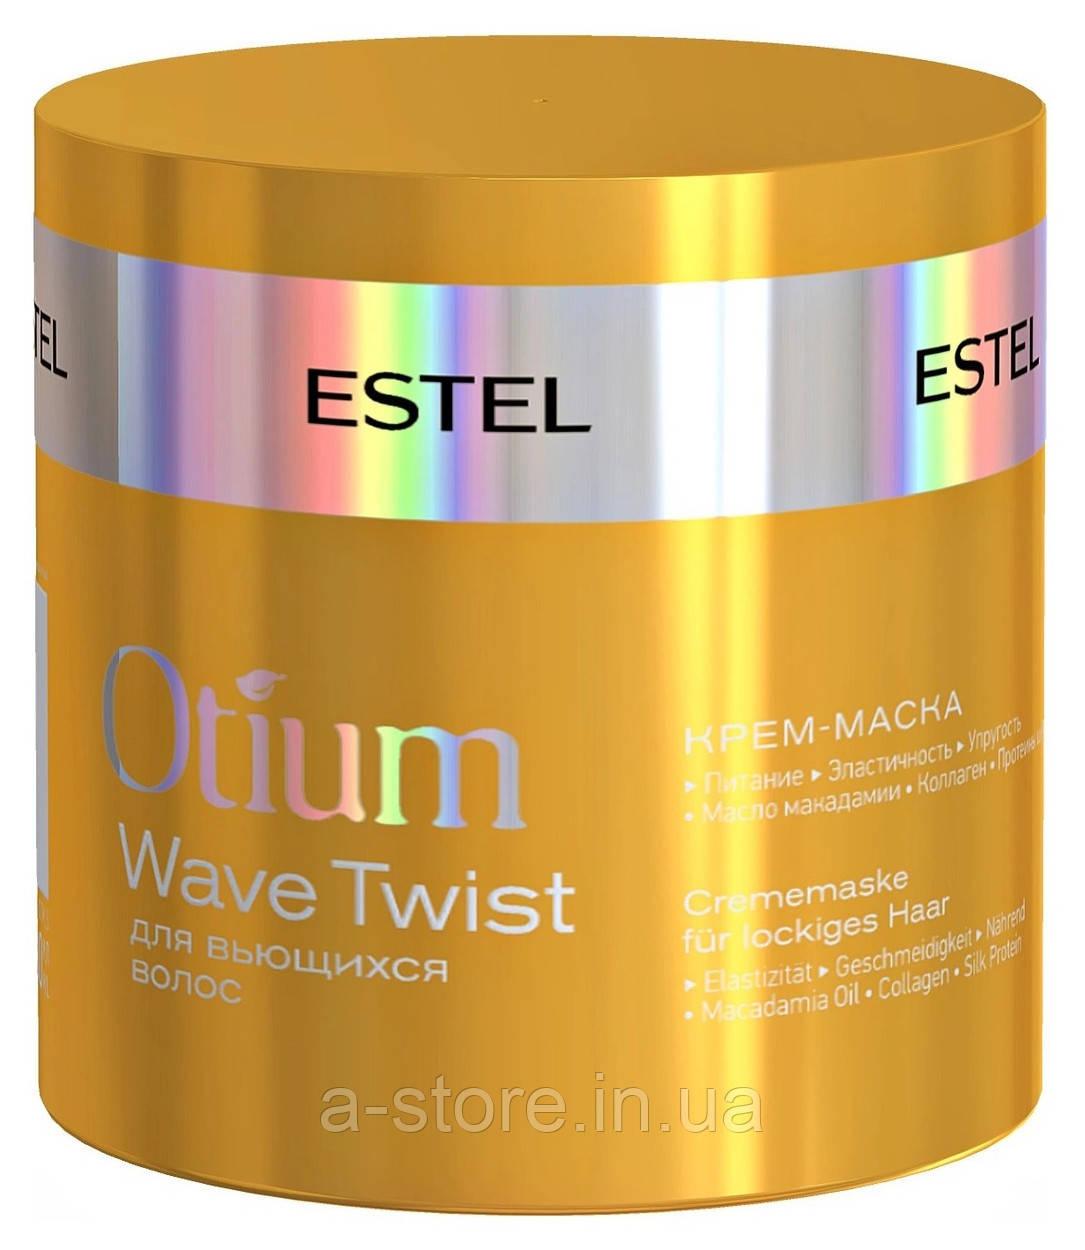 Estel Professional Otium Wave Twist Крем-маска для вьющихся волос